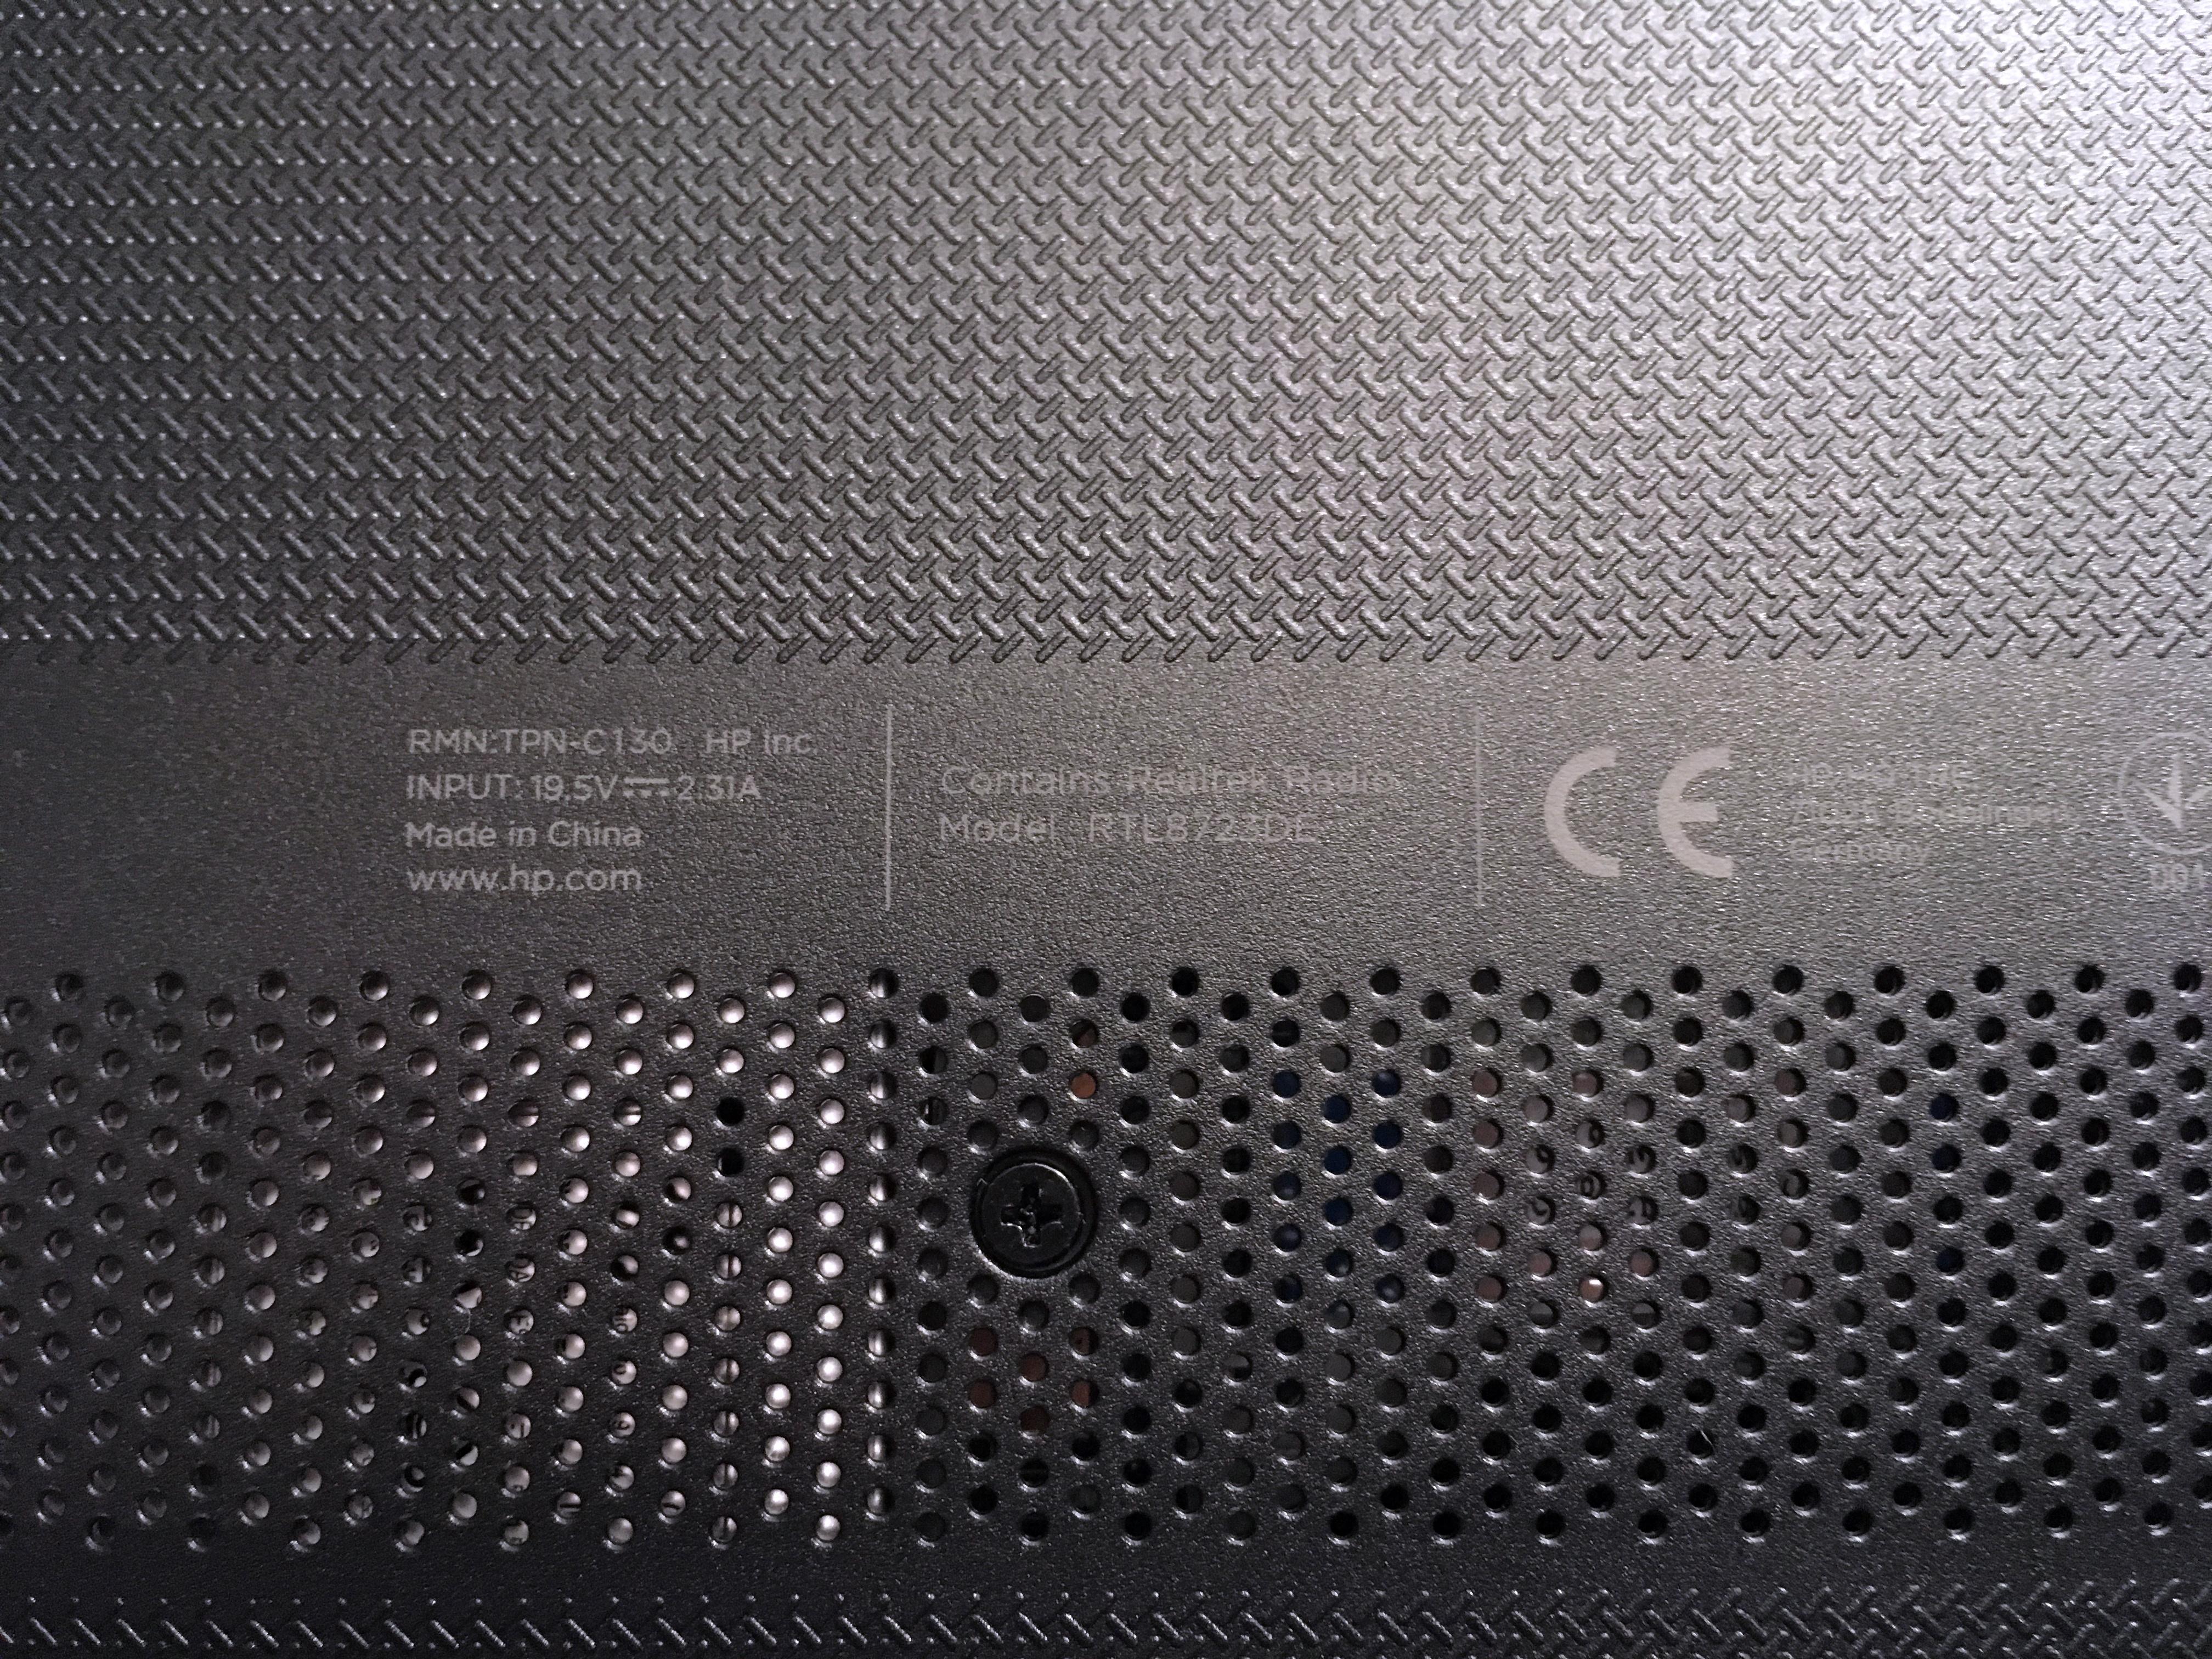 Realtek WLAN-Chip RTL8723de unter Ubuntu aktivieren